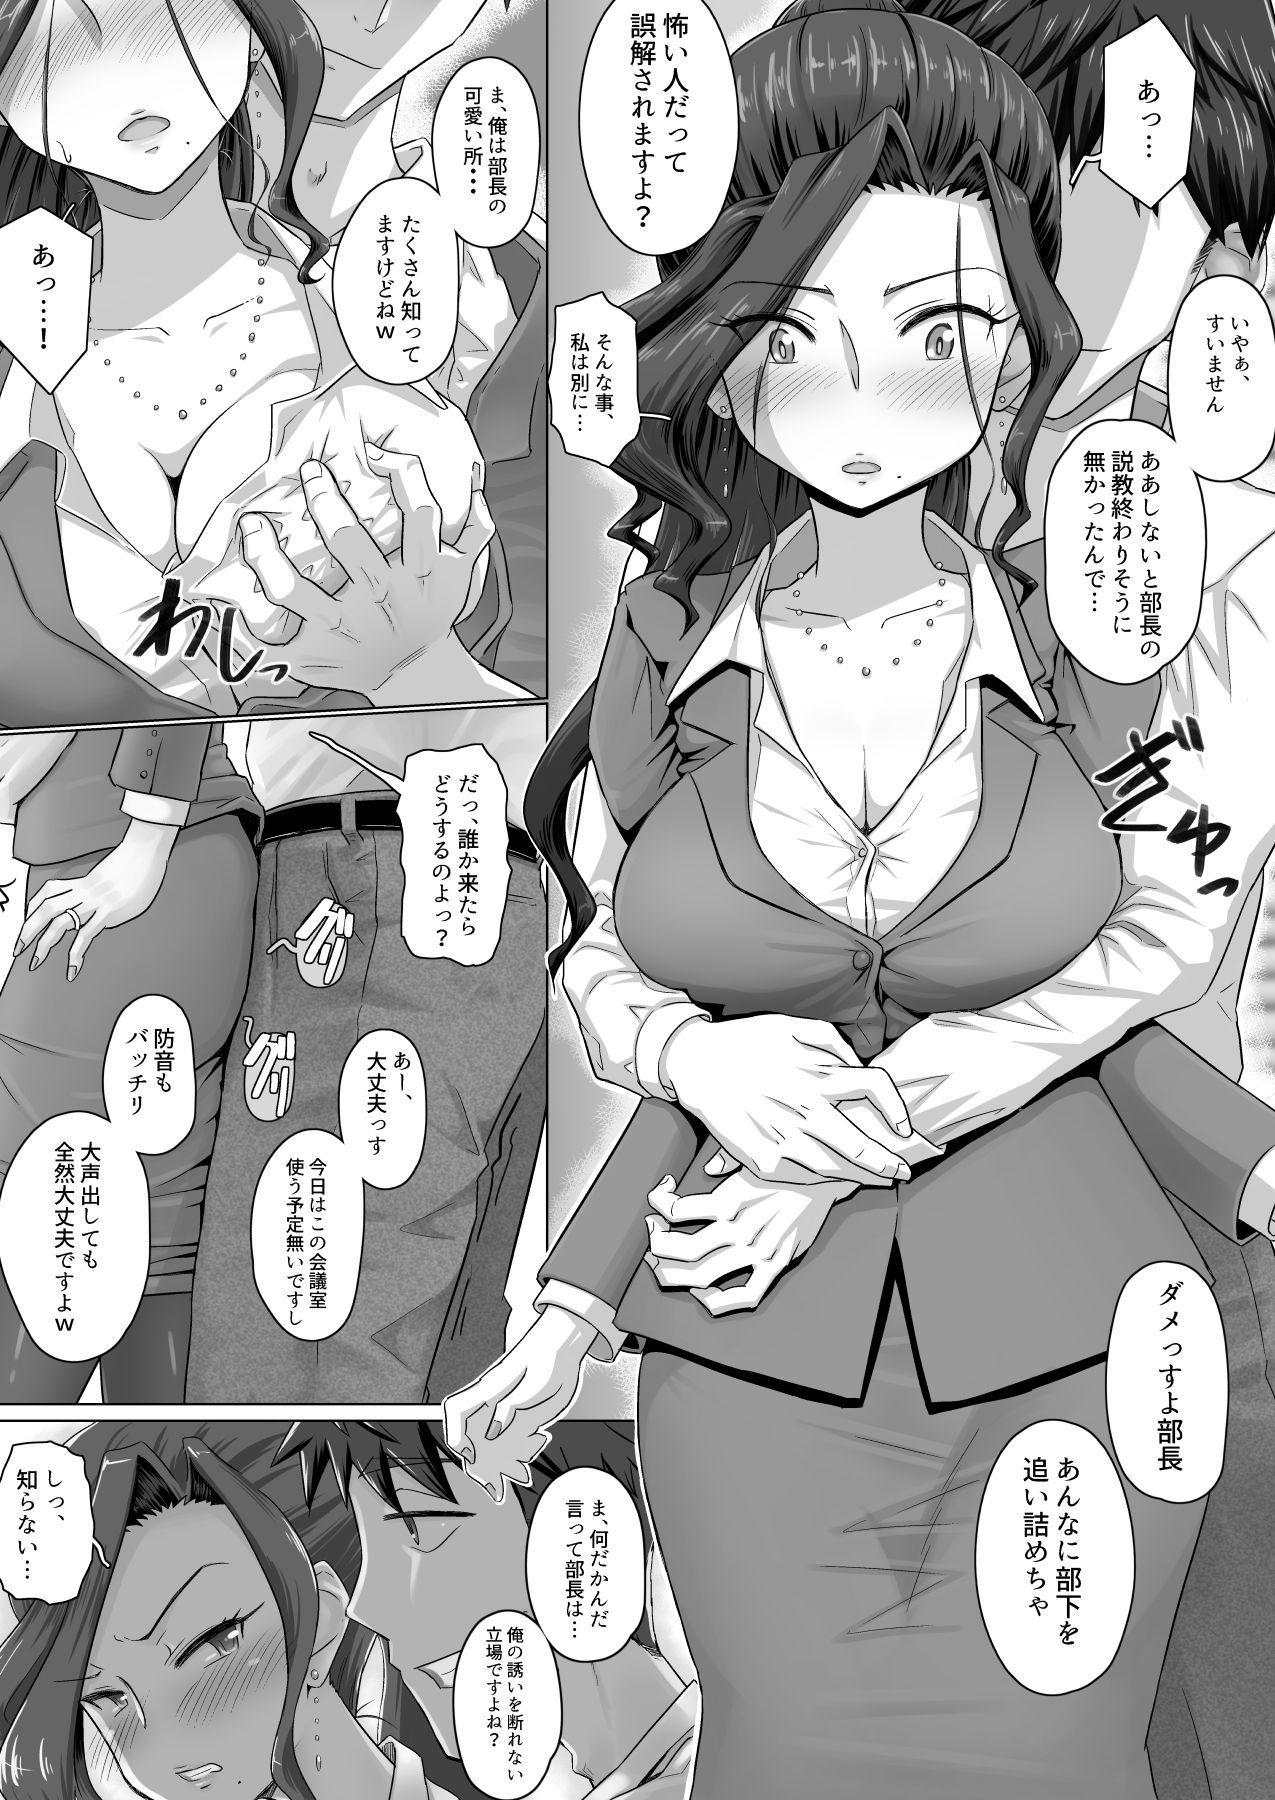 [Urayoroduya (Yoroduya Hyakuhachi)] Ki no Tsuyoi Onna Joushi (31-sai Hitozuma) Matome 24